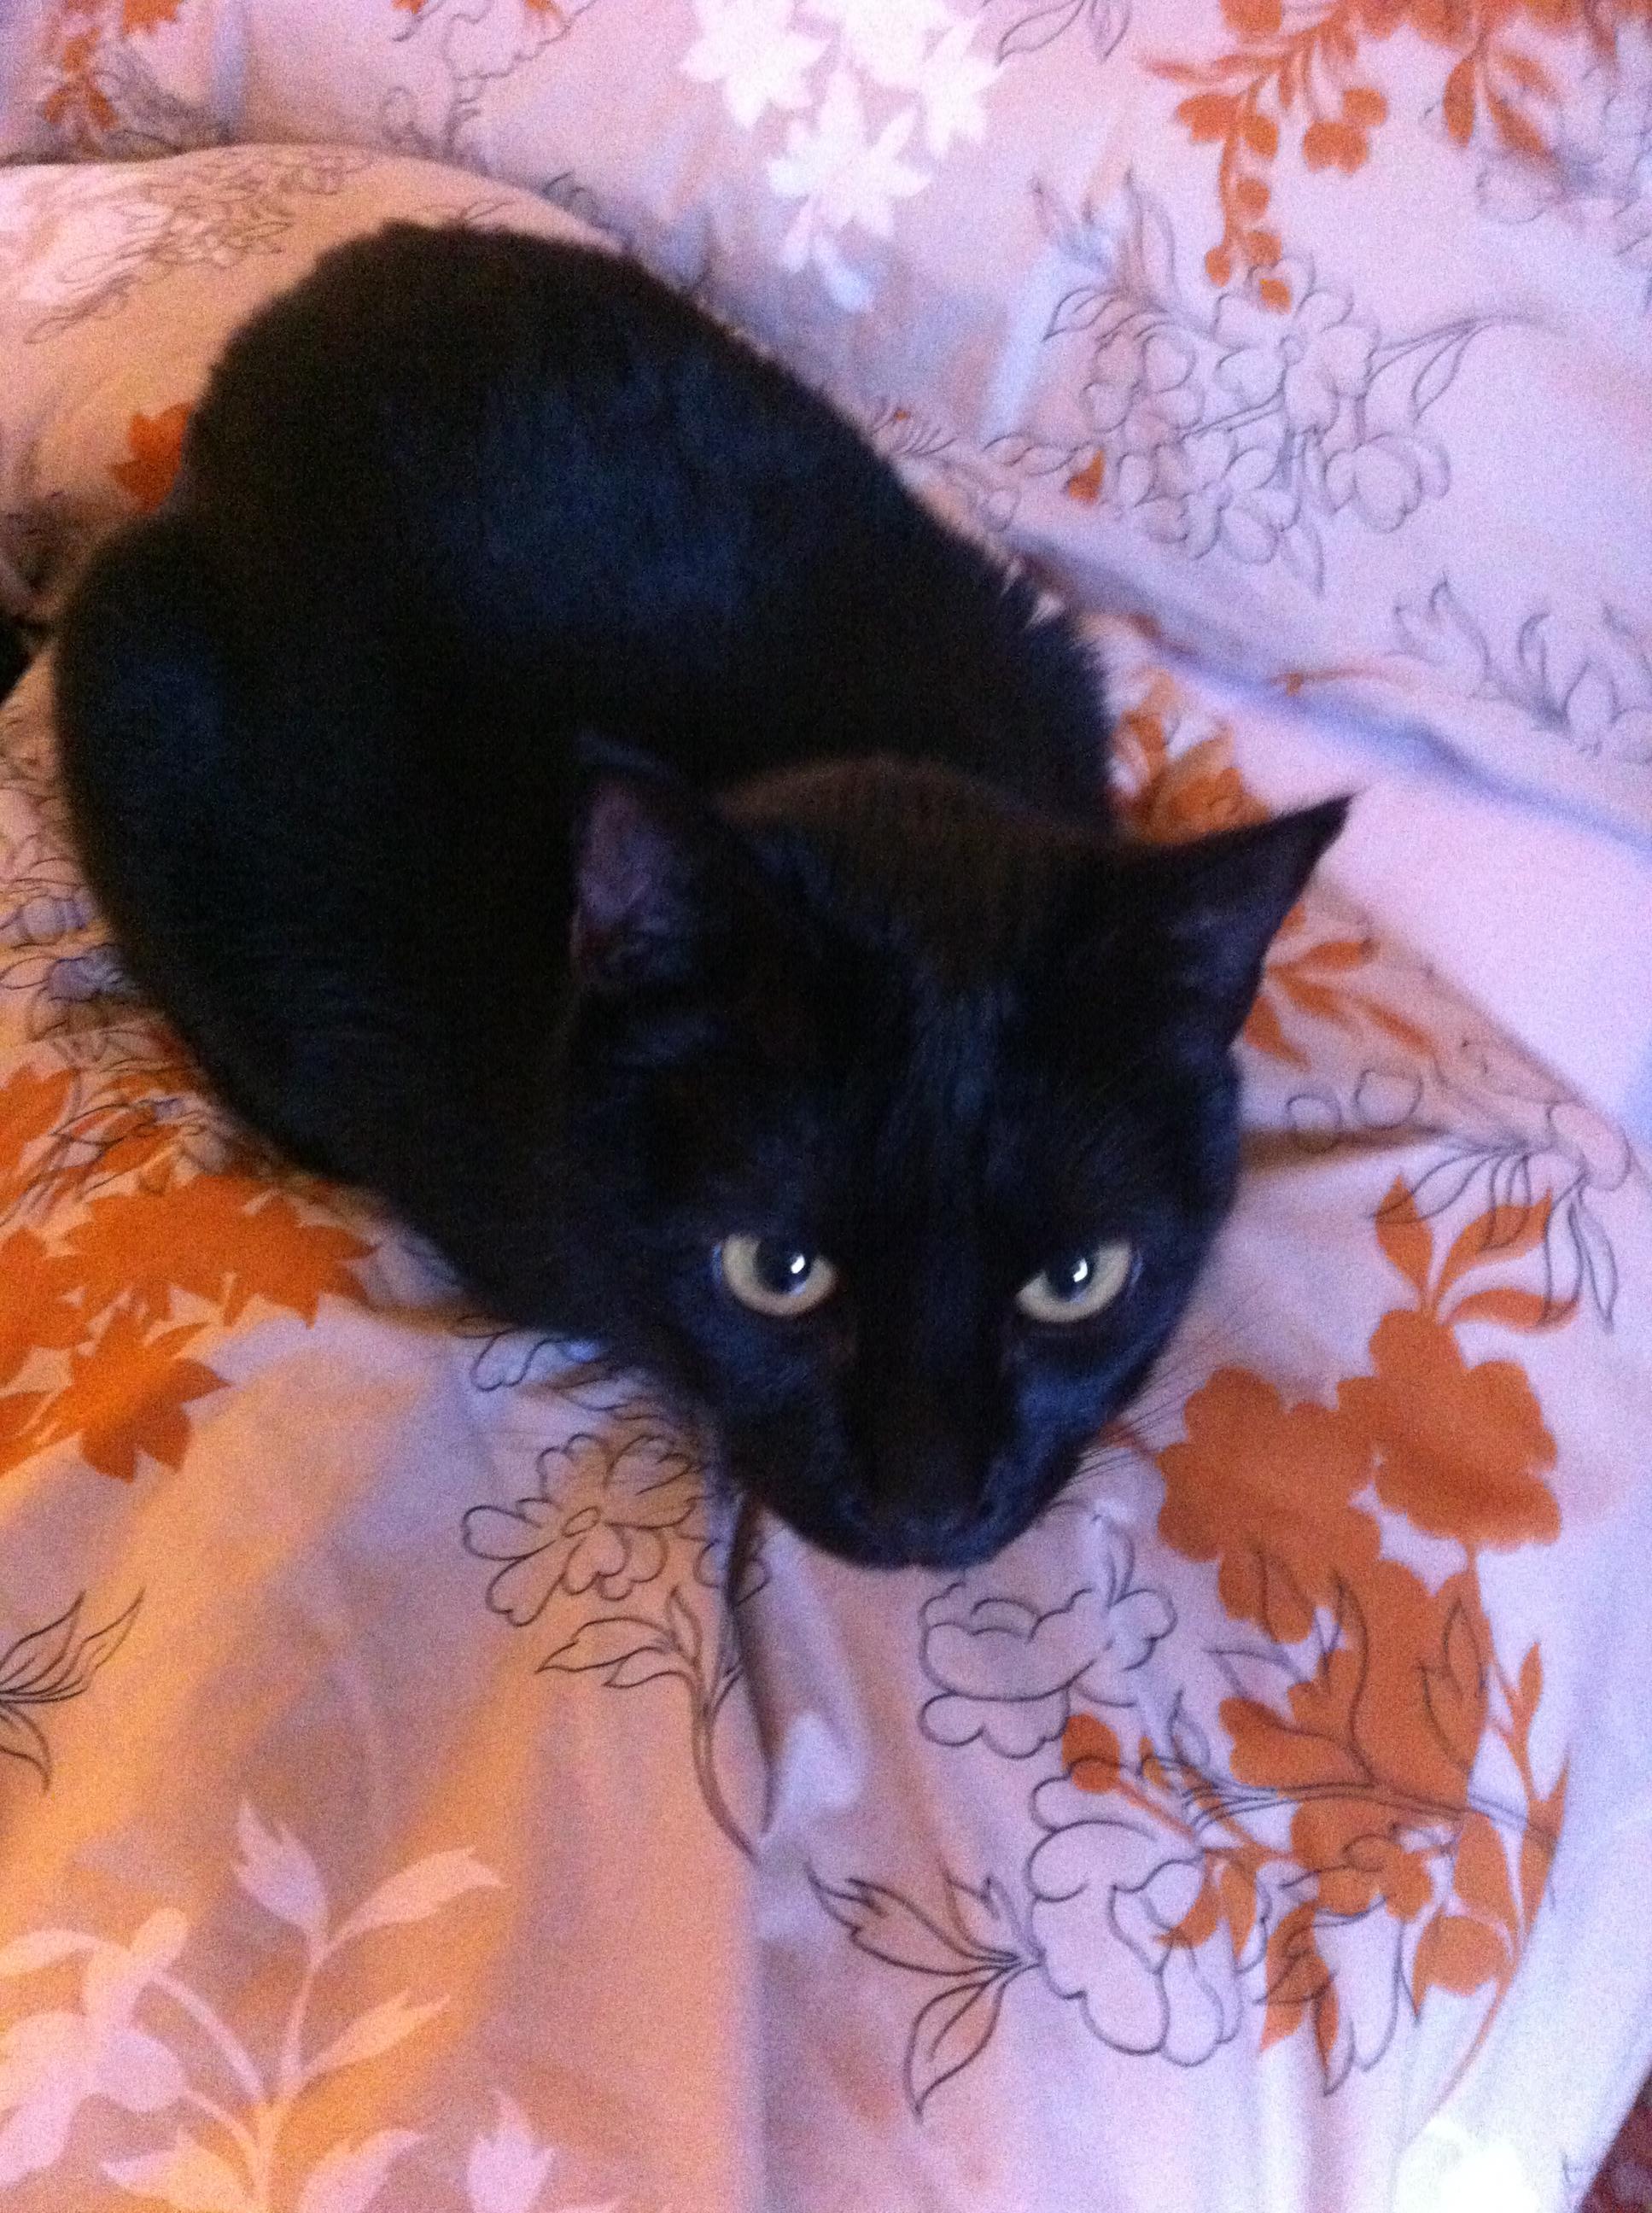 Un chat noir, c'est un mauvais signe ?